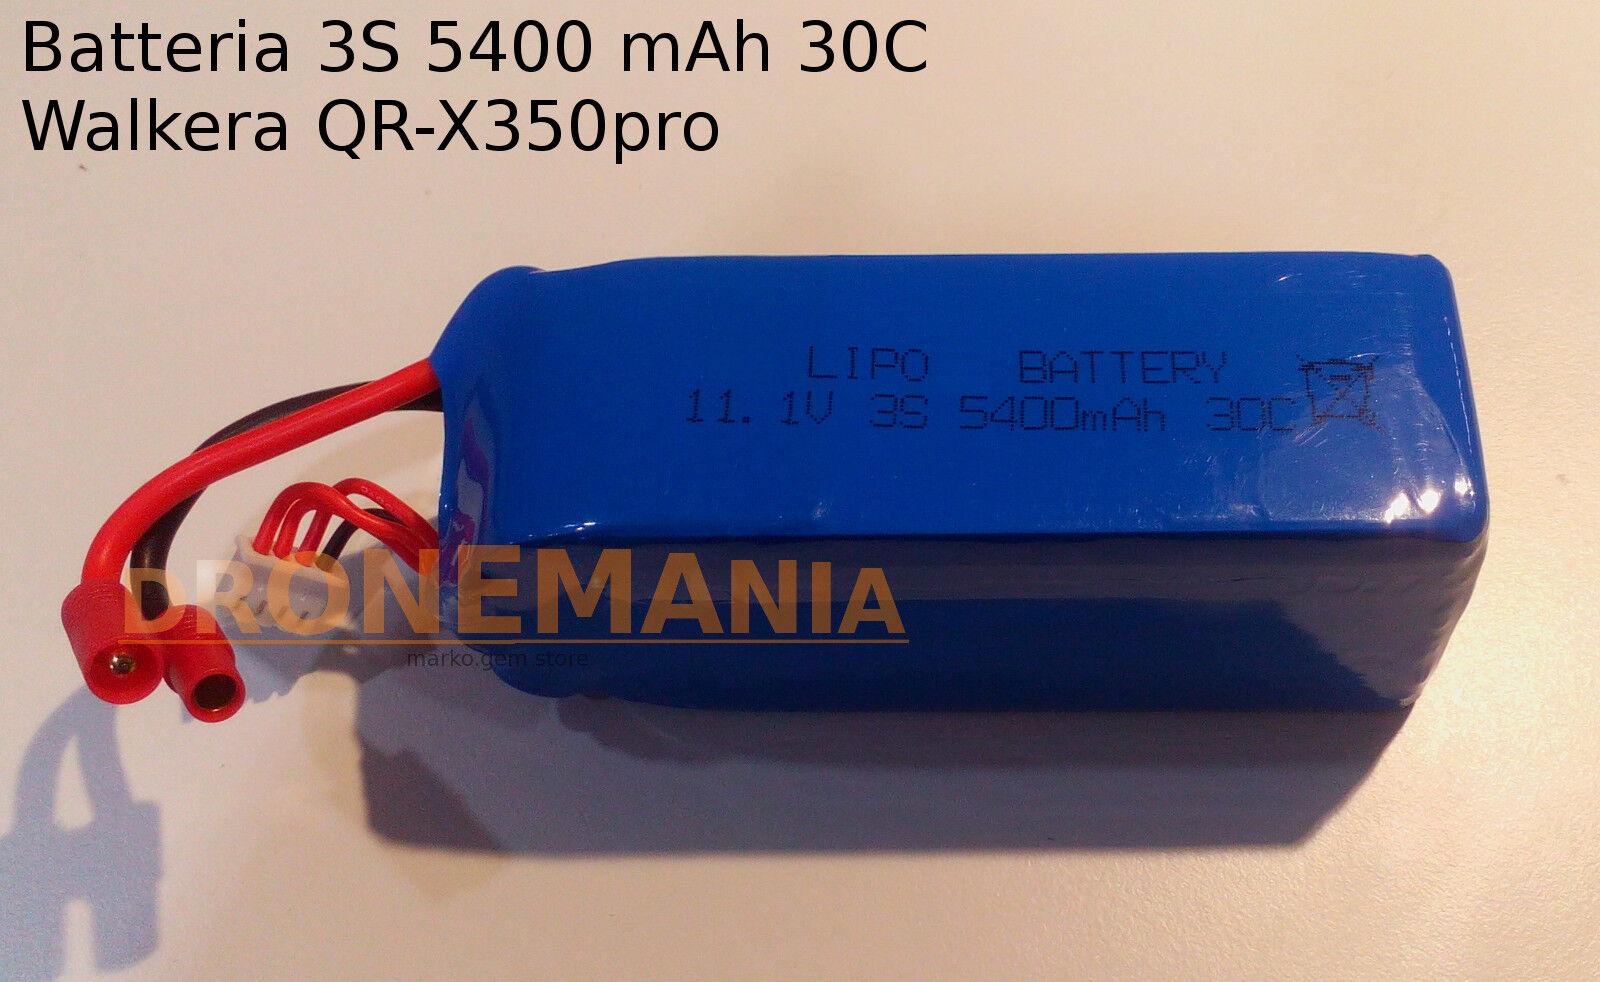 Batteria 3S 5400 mAh 30C per drone Walkera X350 PRO PRO PRO drone d8dace